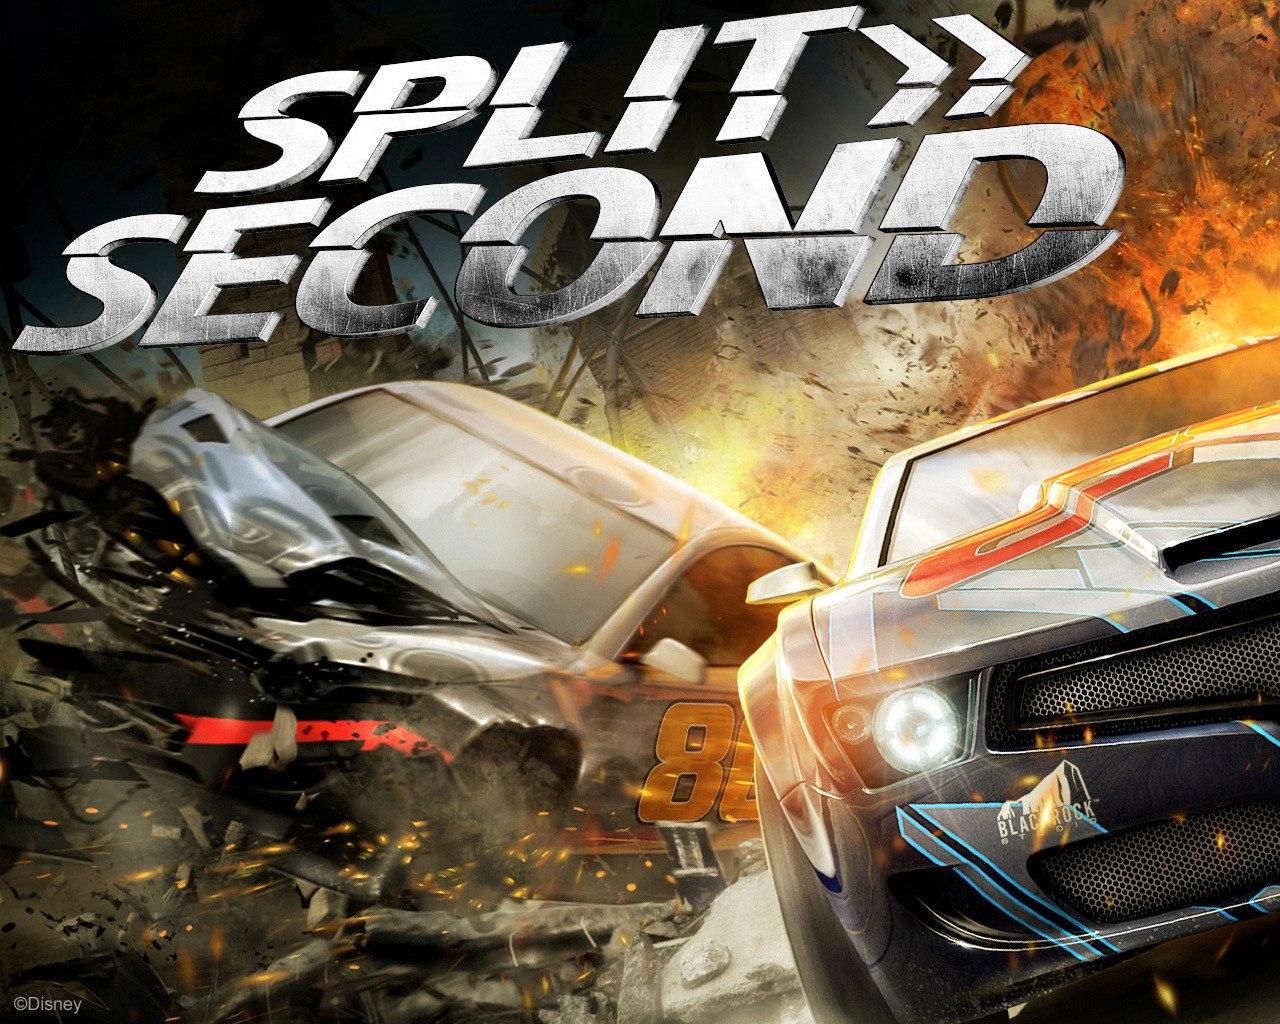 Split Second 26266 1280x720 px